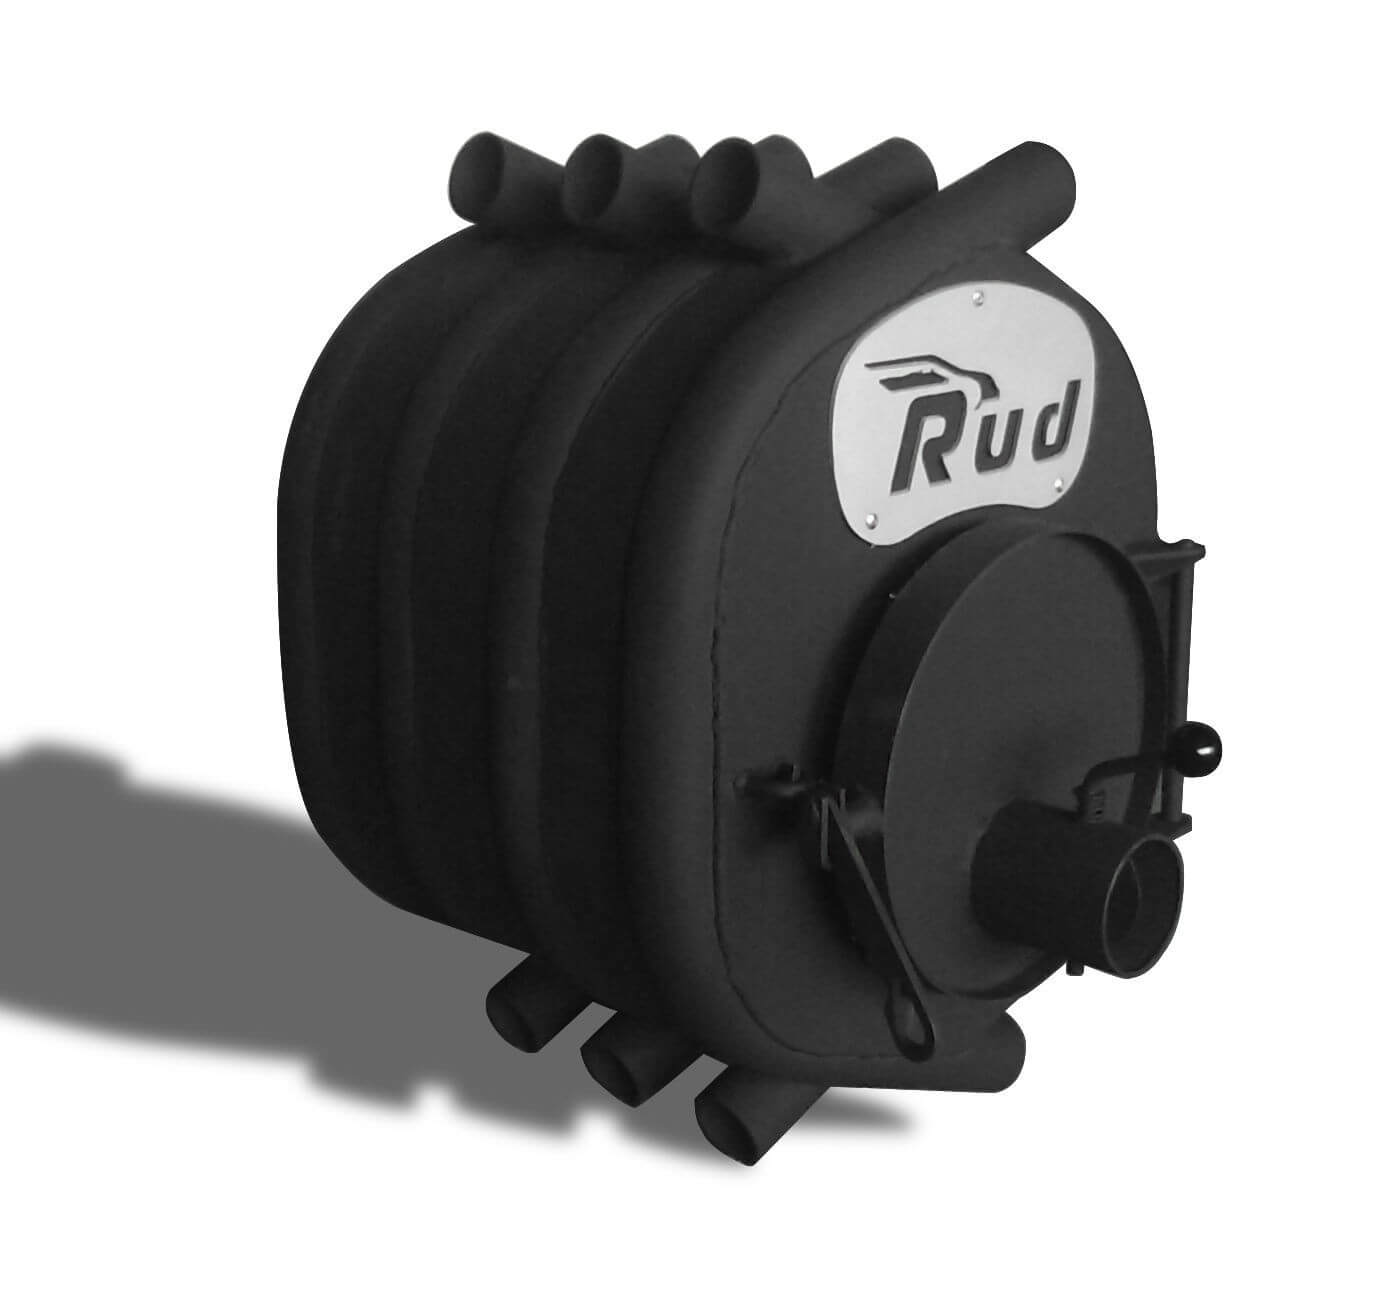 Печь Rud Макси тип 01 без обшивки – базовая комплектация